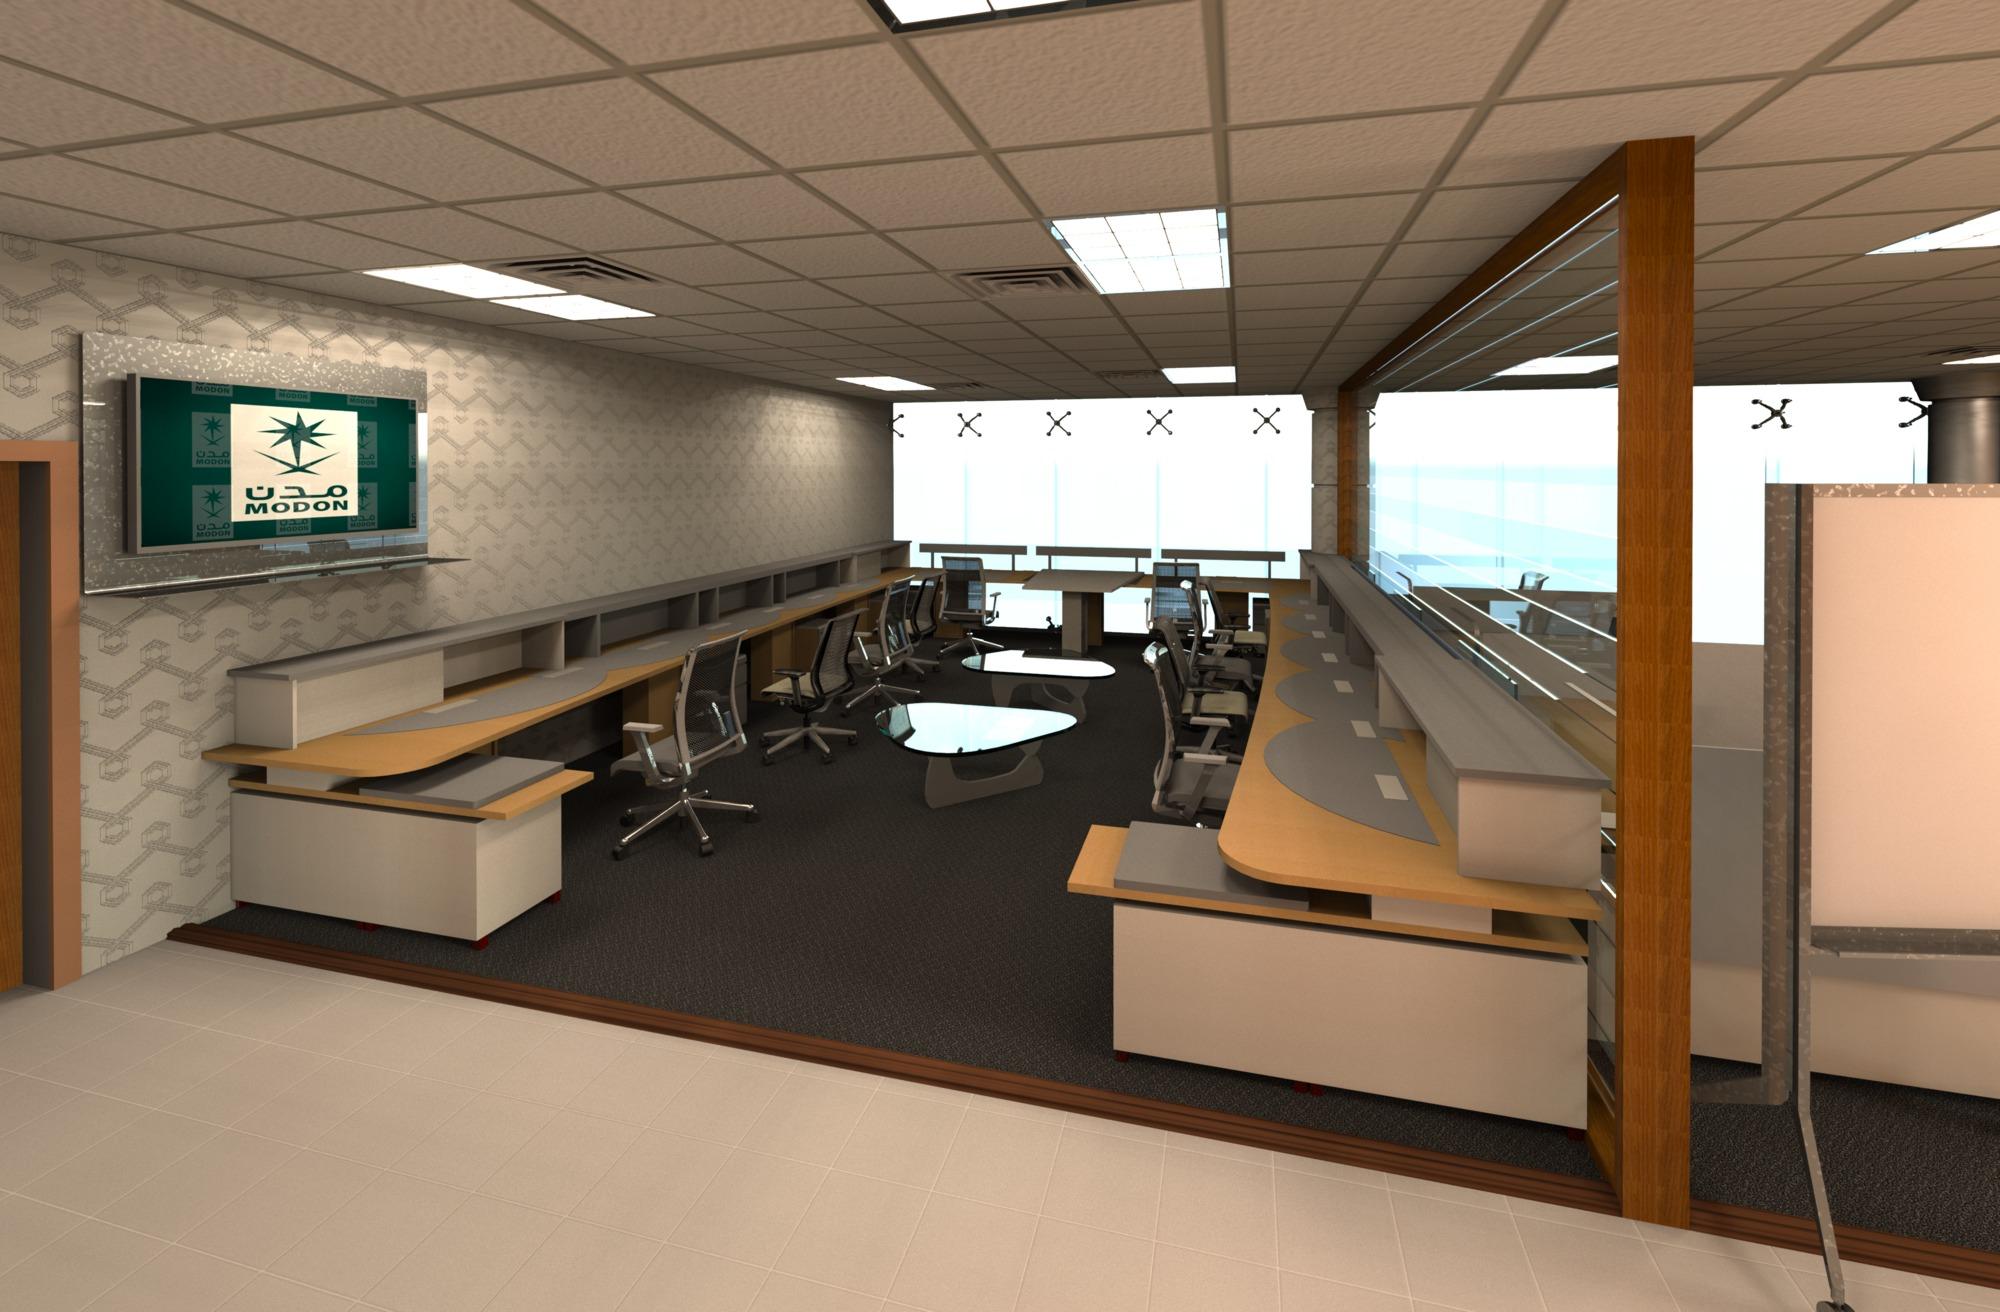 Raas-rendering20141214-30639-7i77yg